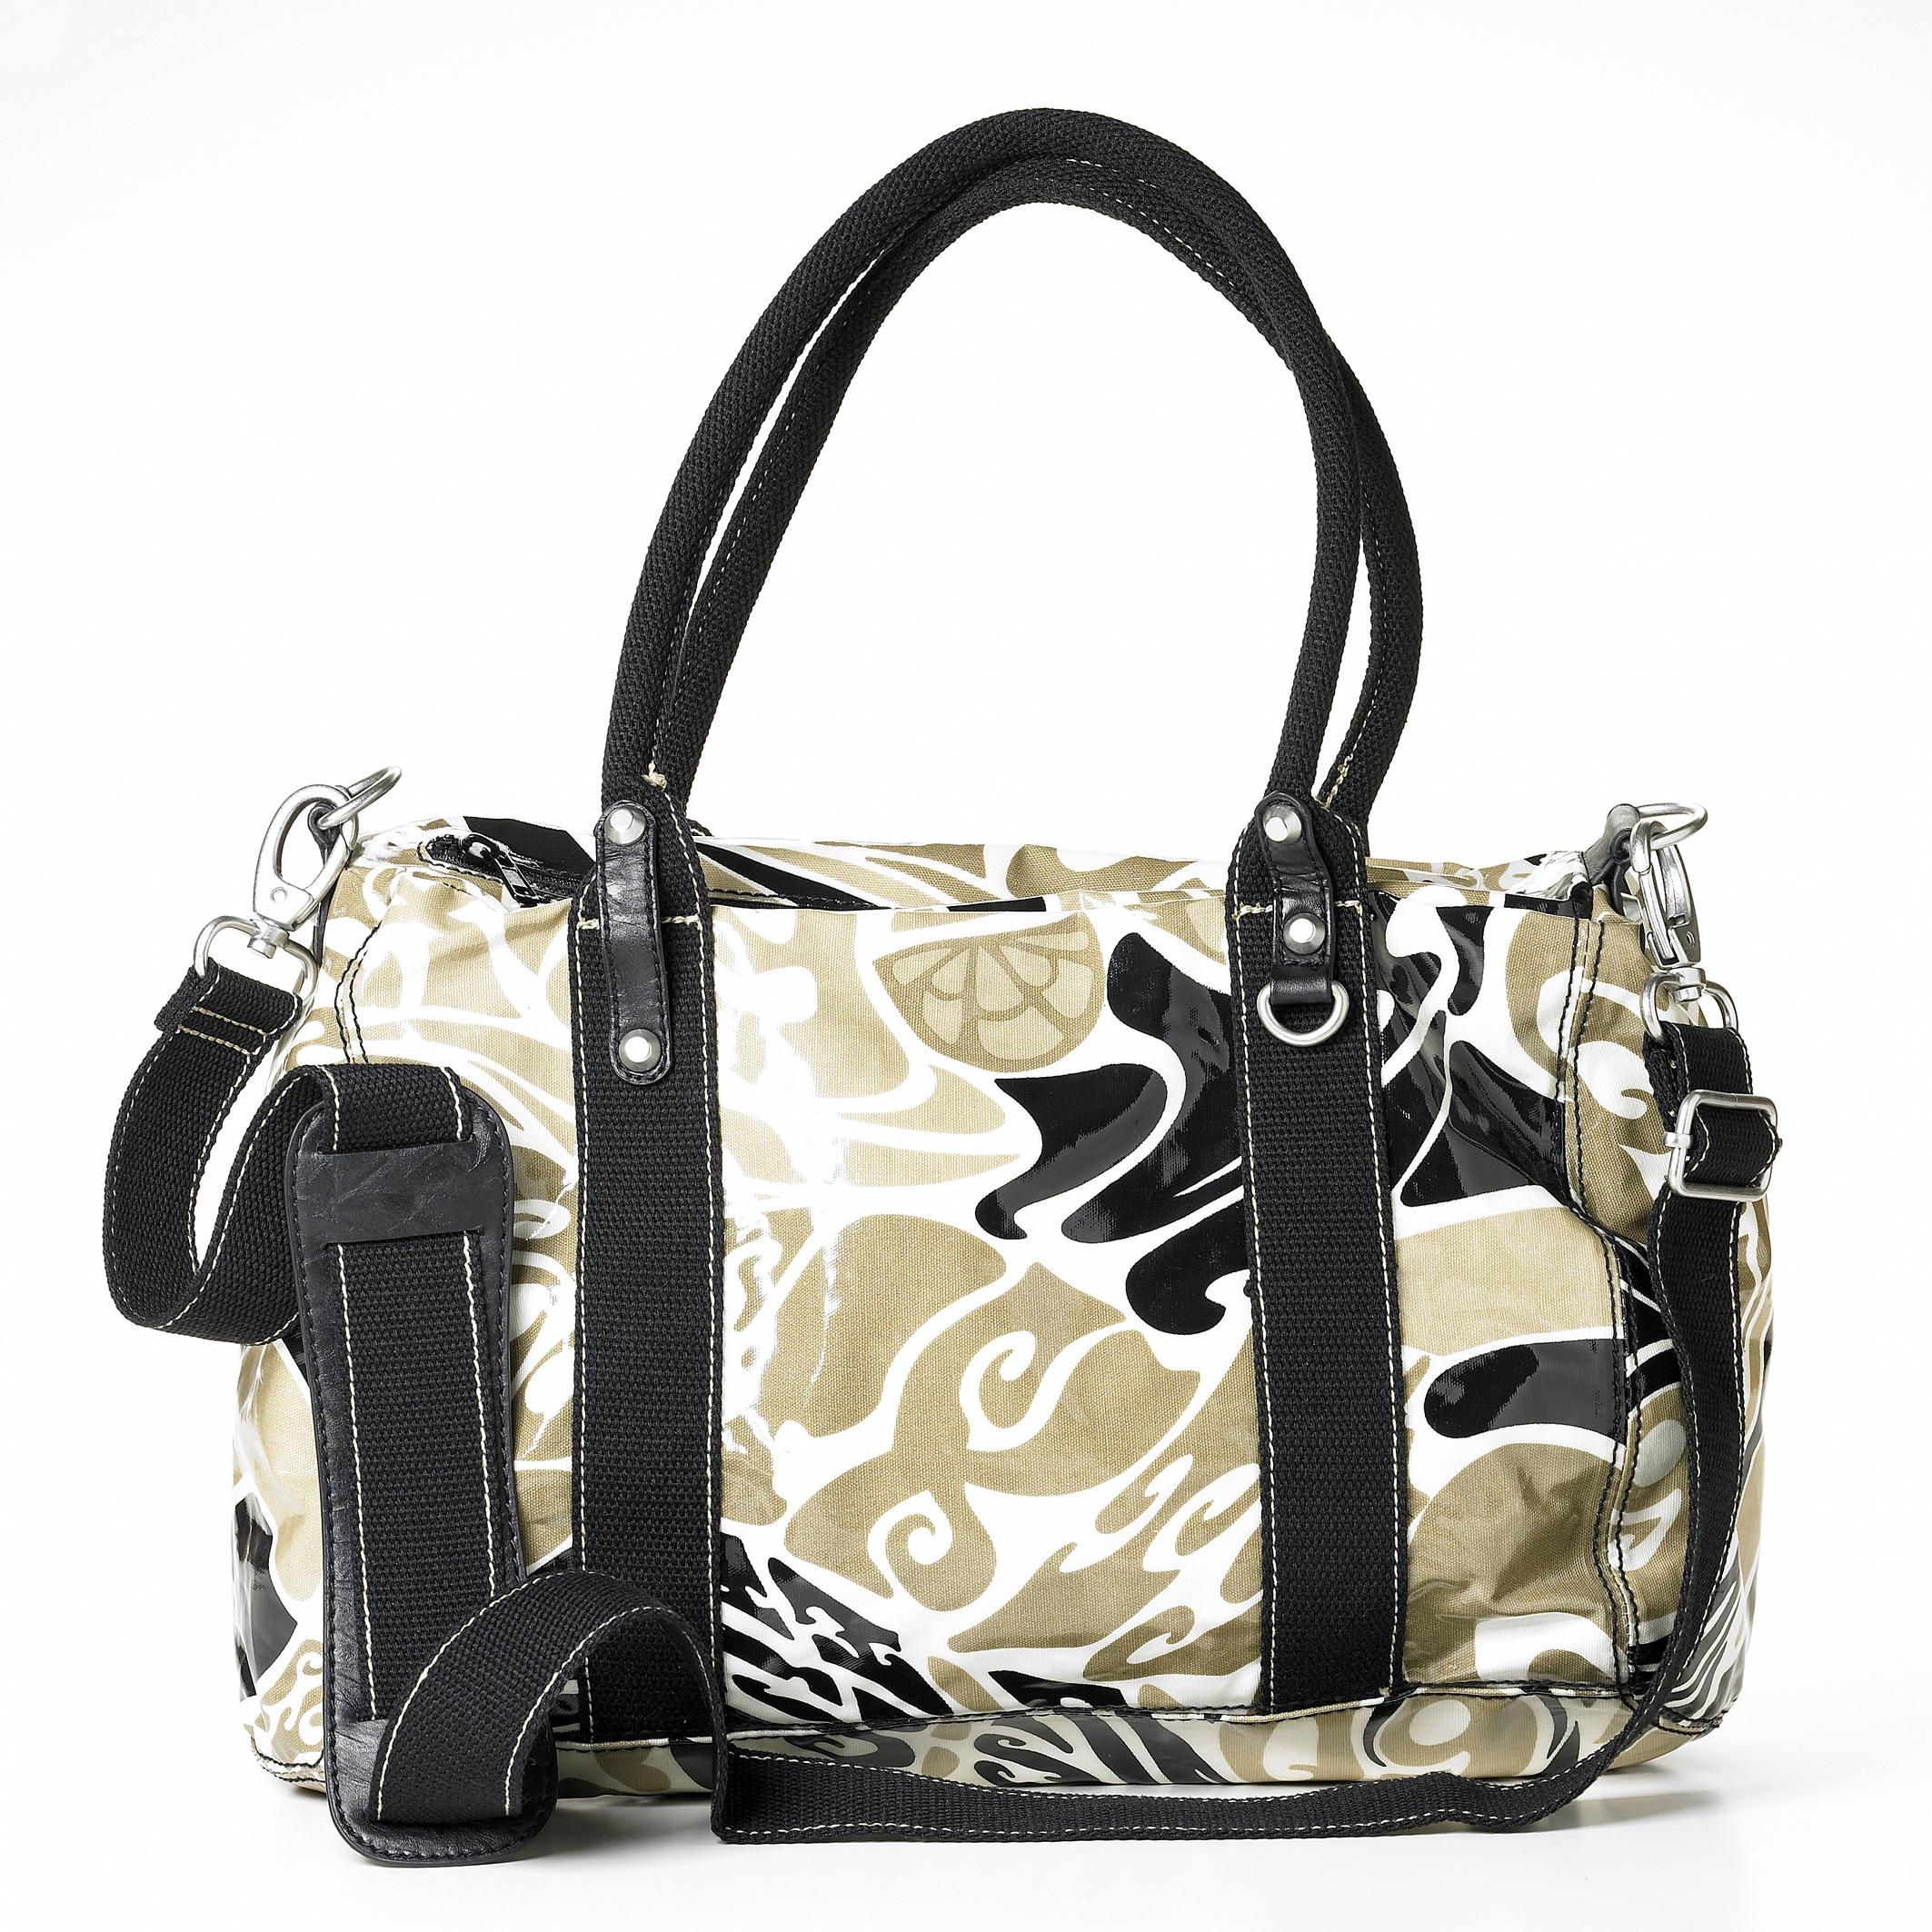 CONCURS – Spune ce ai in geanta si primesti una noua!